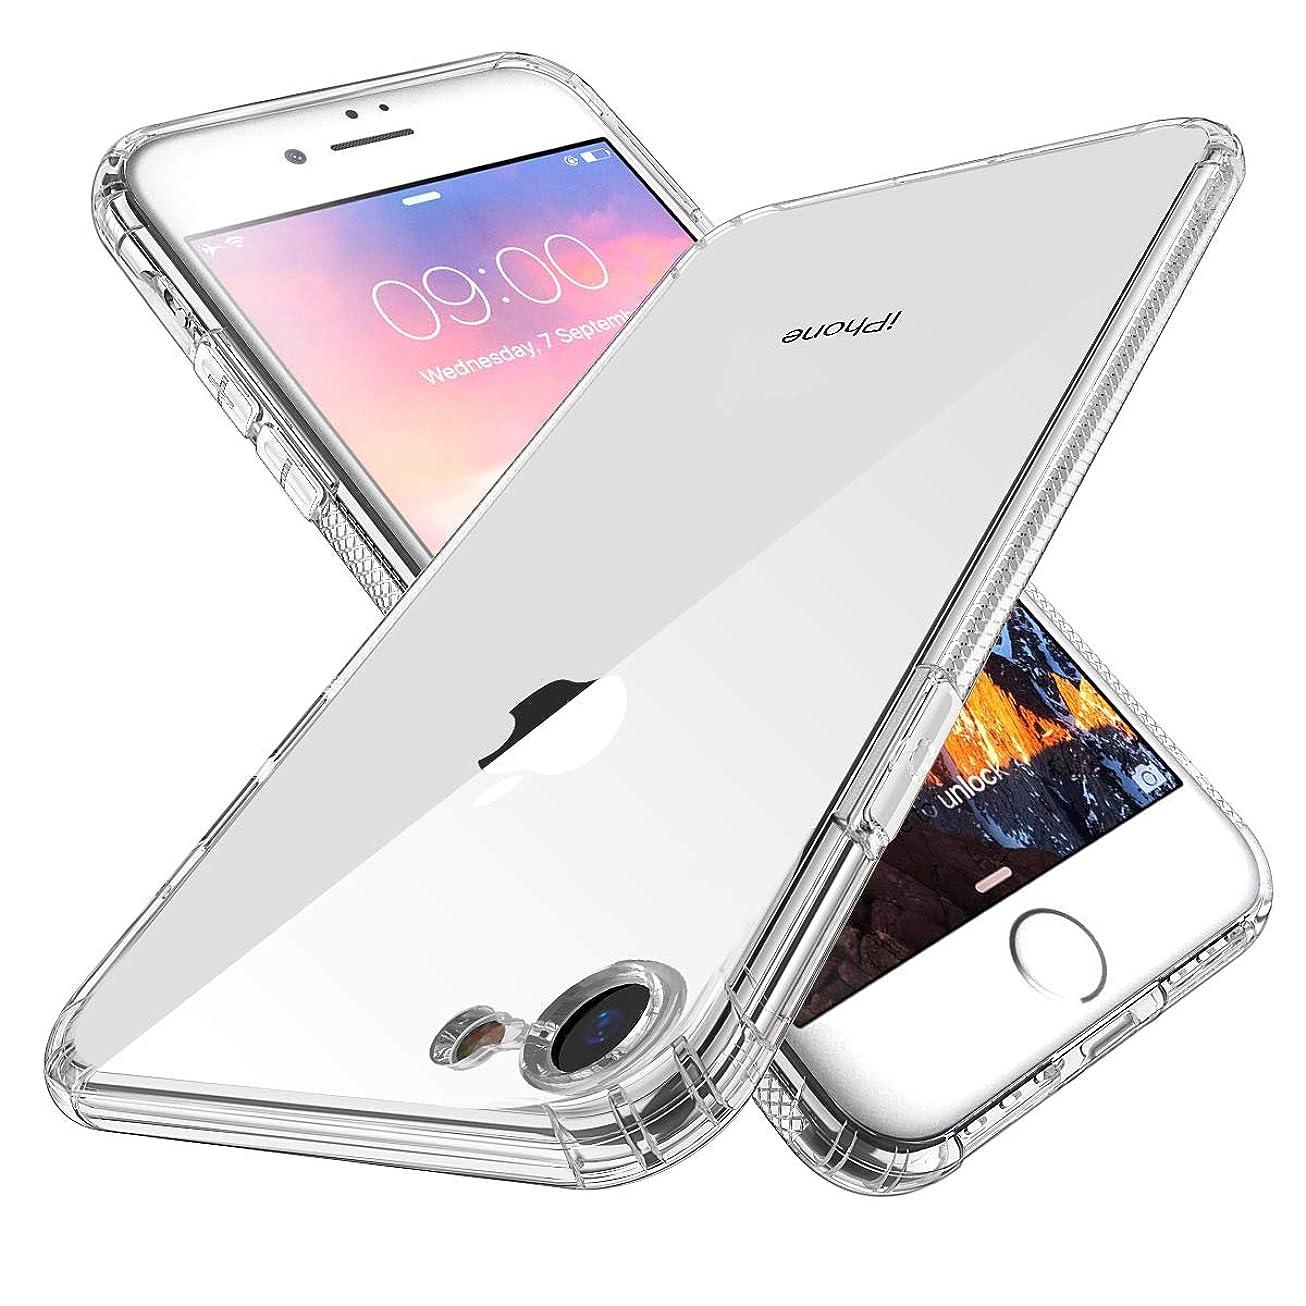 筋肉の公演人類iPhone7 ケース iPhone8 ケース クリア 薄型 透明 ソフト TPU 耐衝撃ケース アイフォン 7 ケース アイフォン 8 ケース 防塵 ワイヤレス充電対応 黄変防止 滑り止め クリスタル?クリア